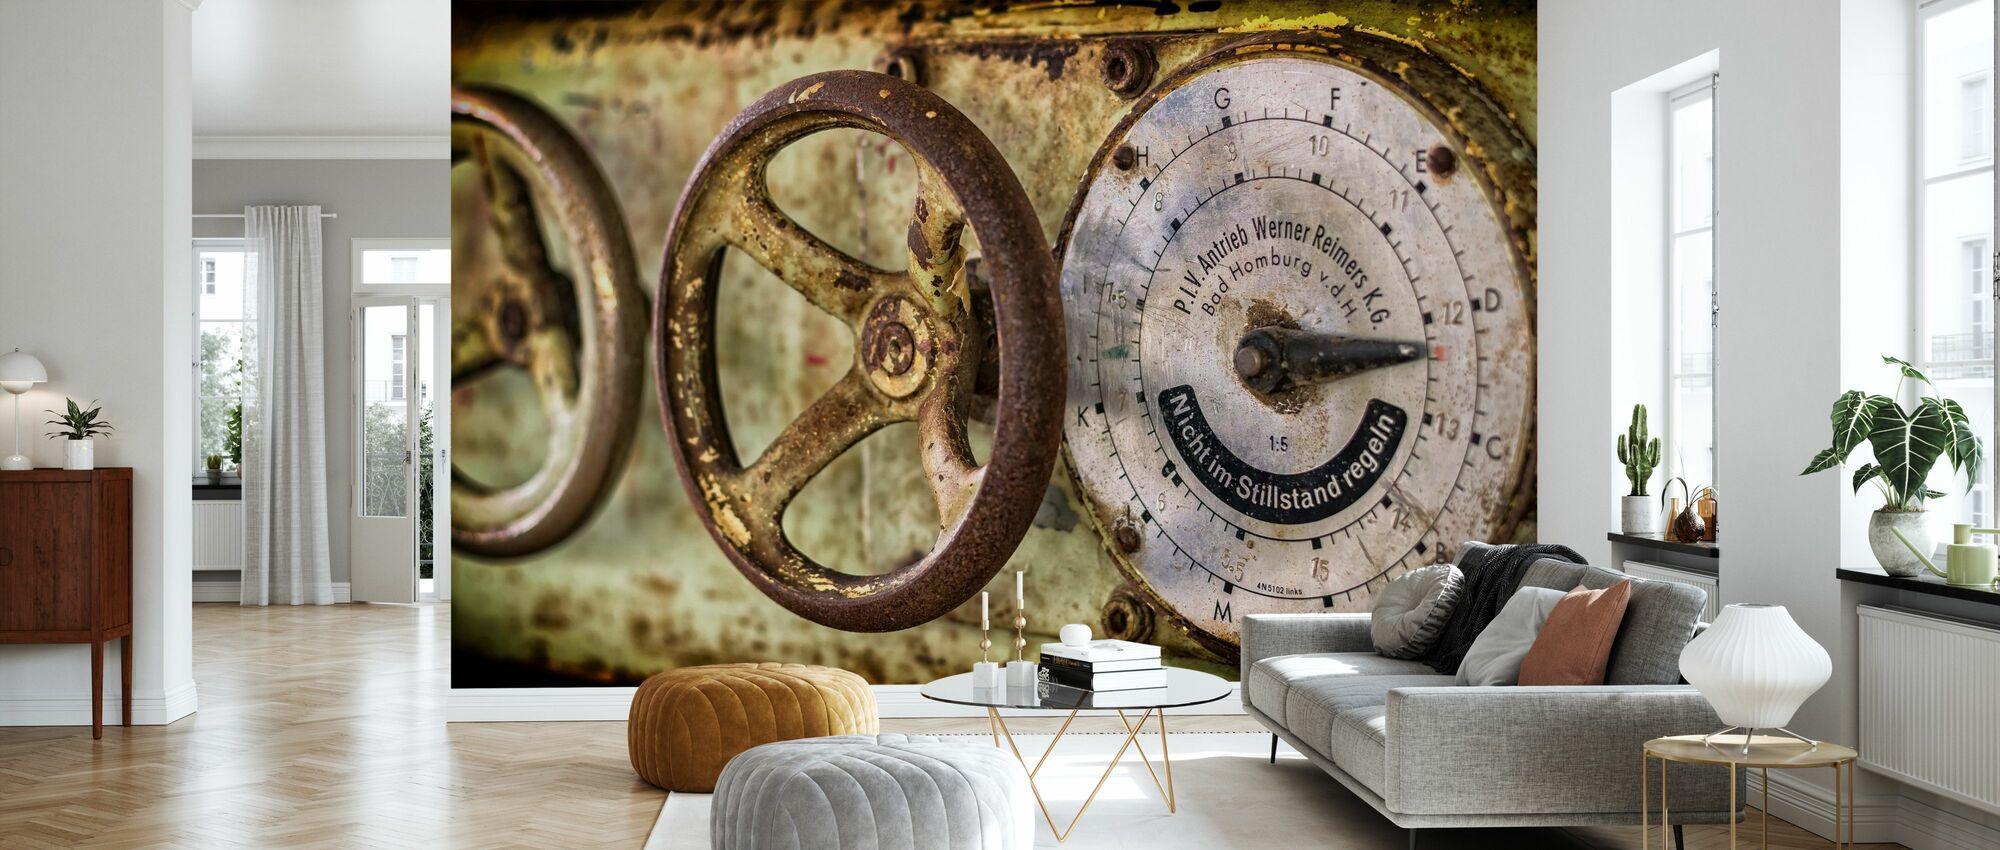 Rusty Gauge and Wheel - Wallpaper - Living Room